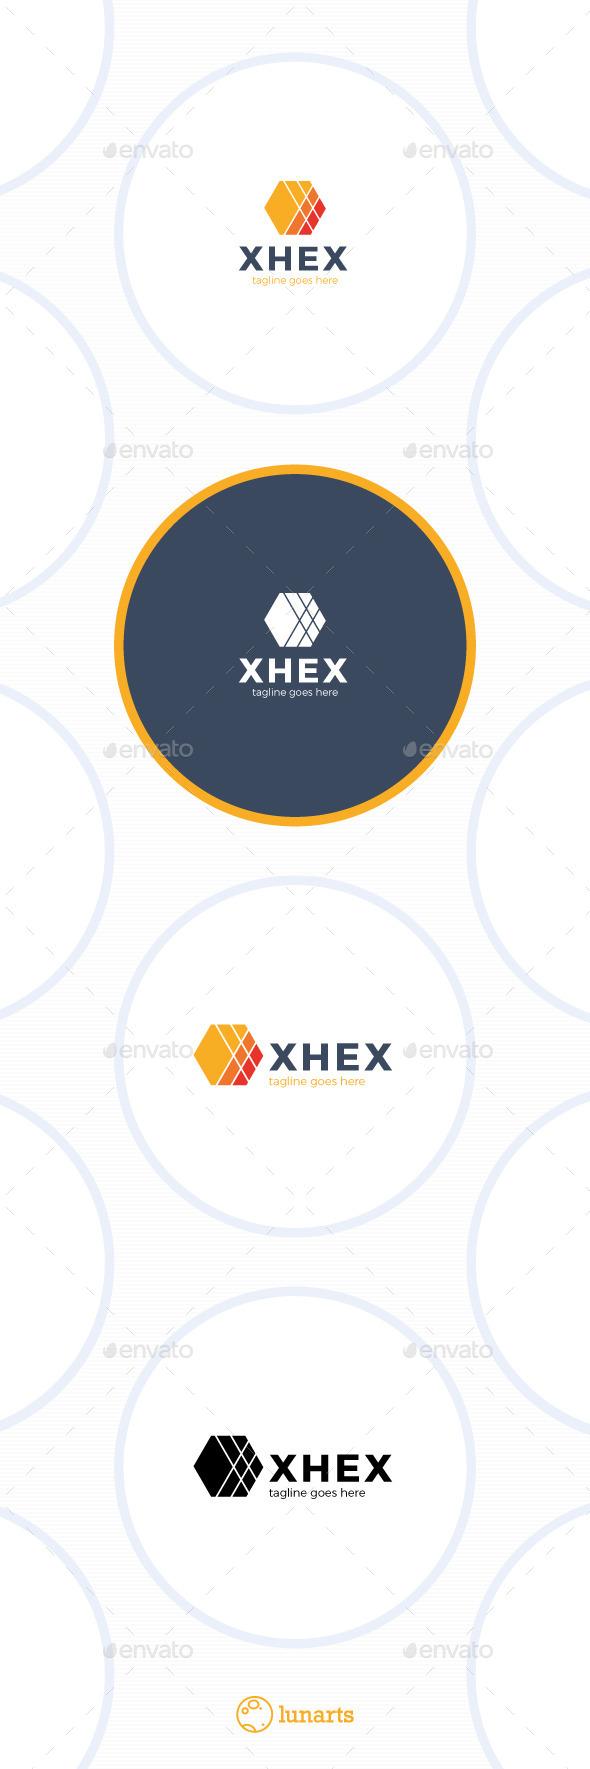 Hex Logo - Letter X